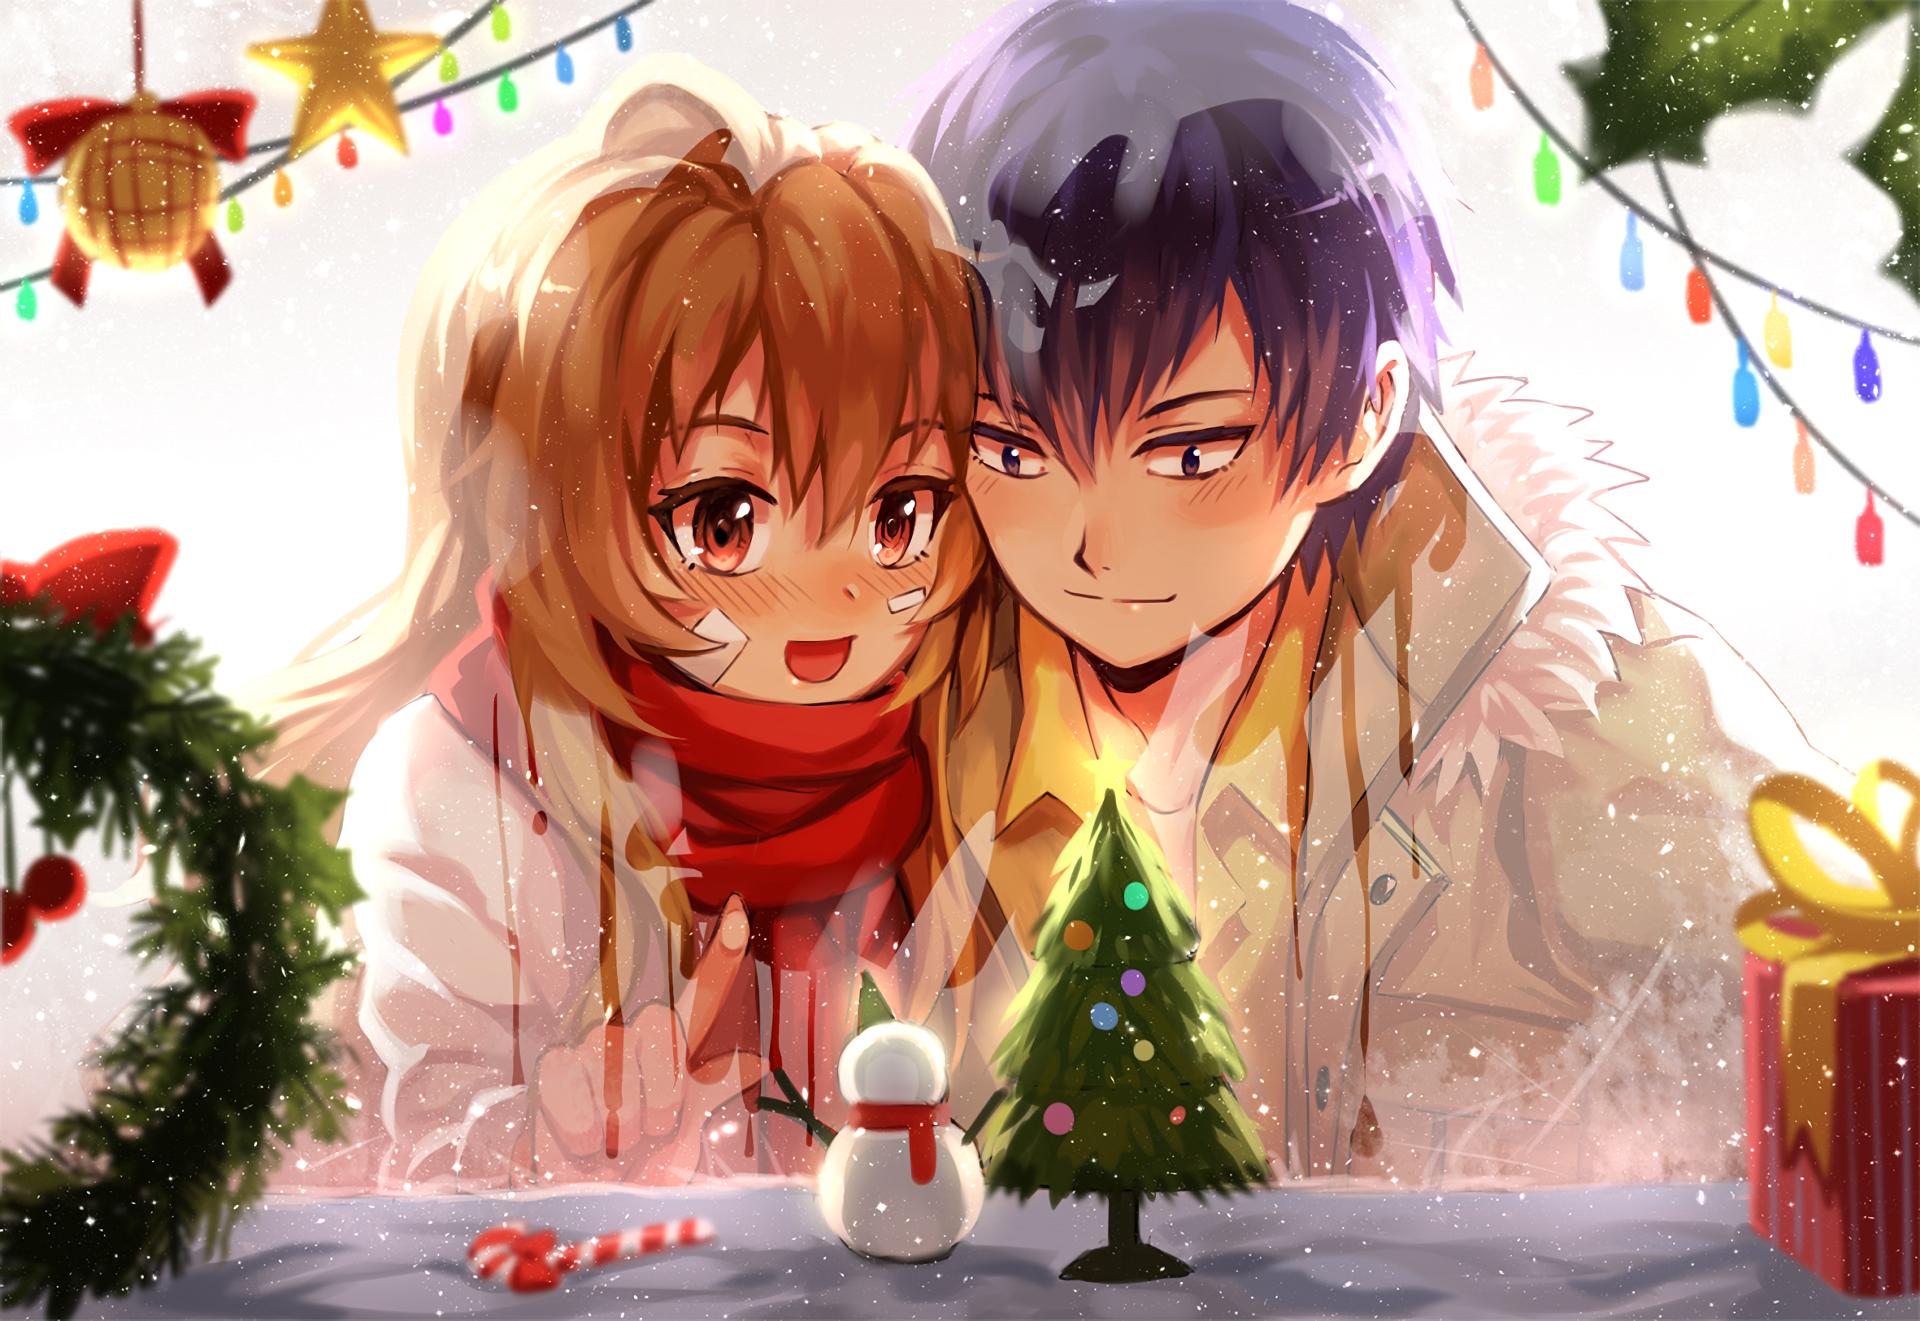 Toradora Taiga X Ryuji Christmas Romance Red Scarf Couple Anime Christmas Anime Toradora